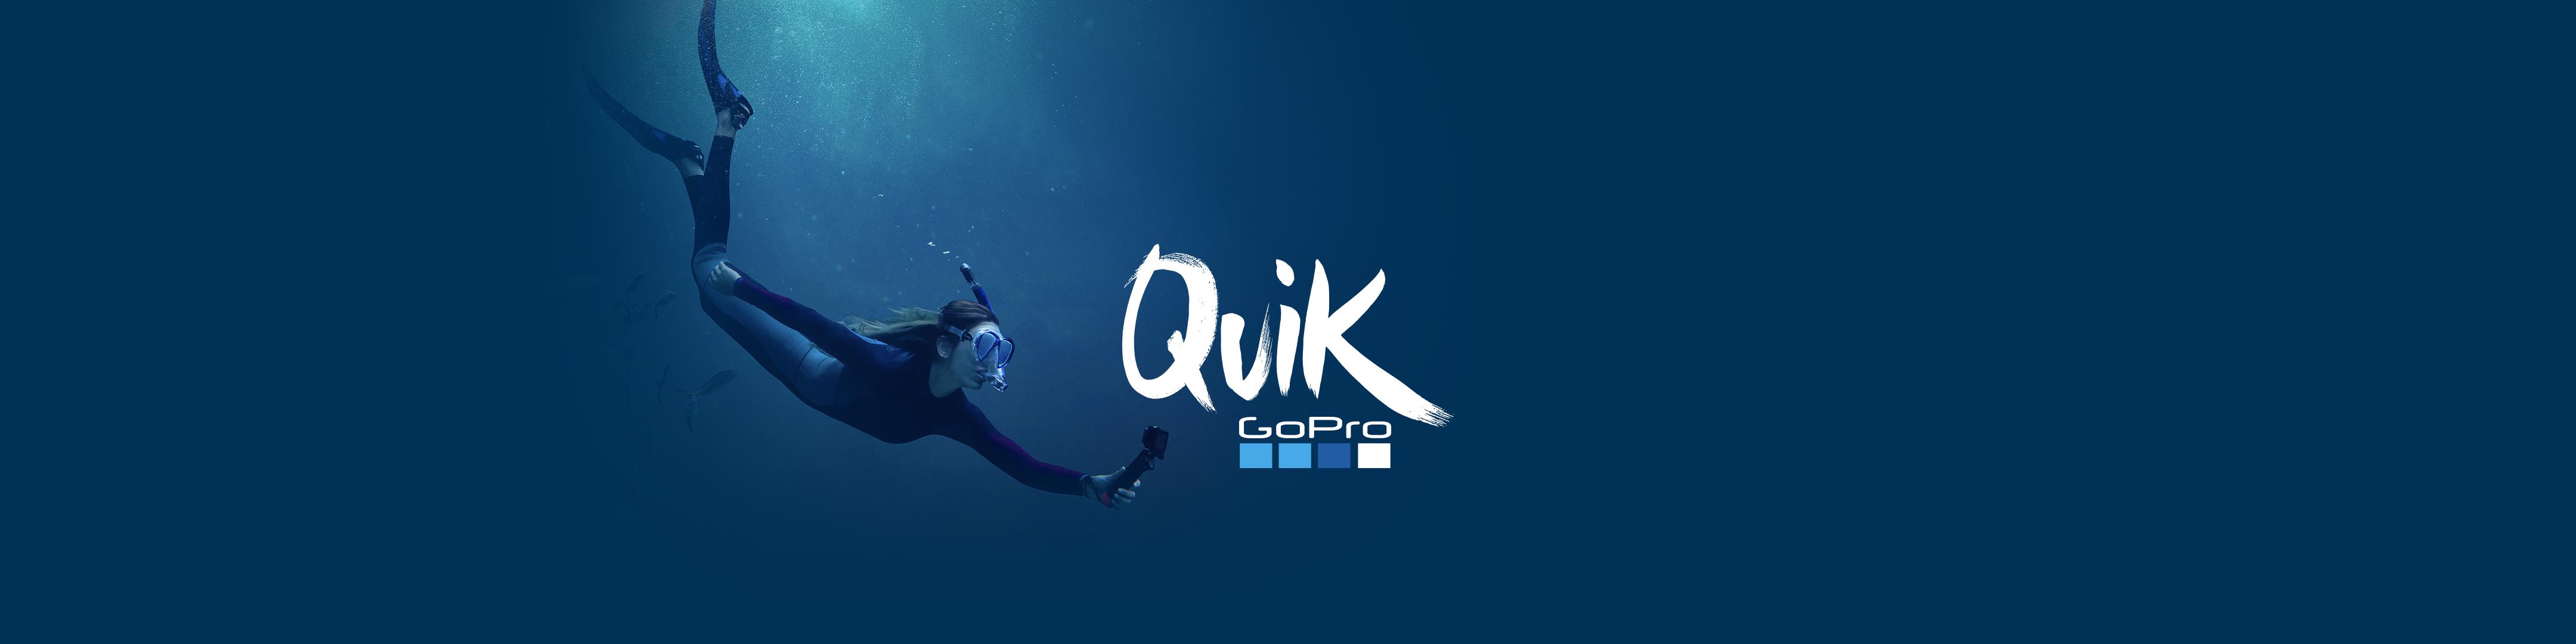 Quik - GoPro Video Editor - Revenue & Download estimates